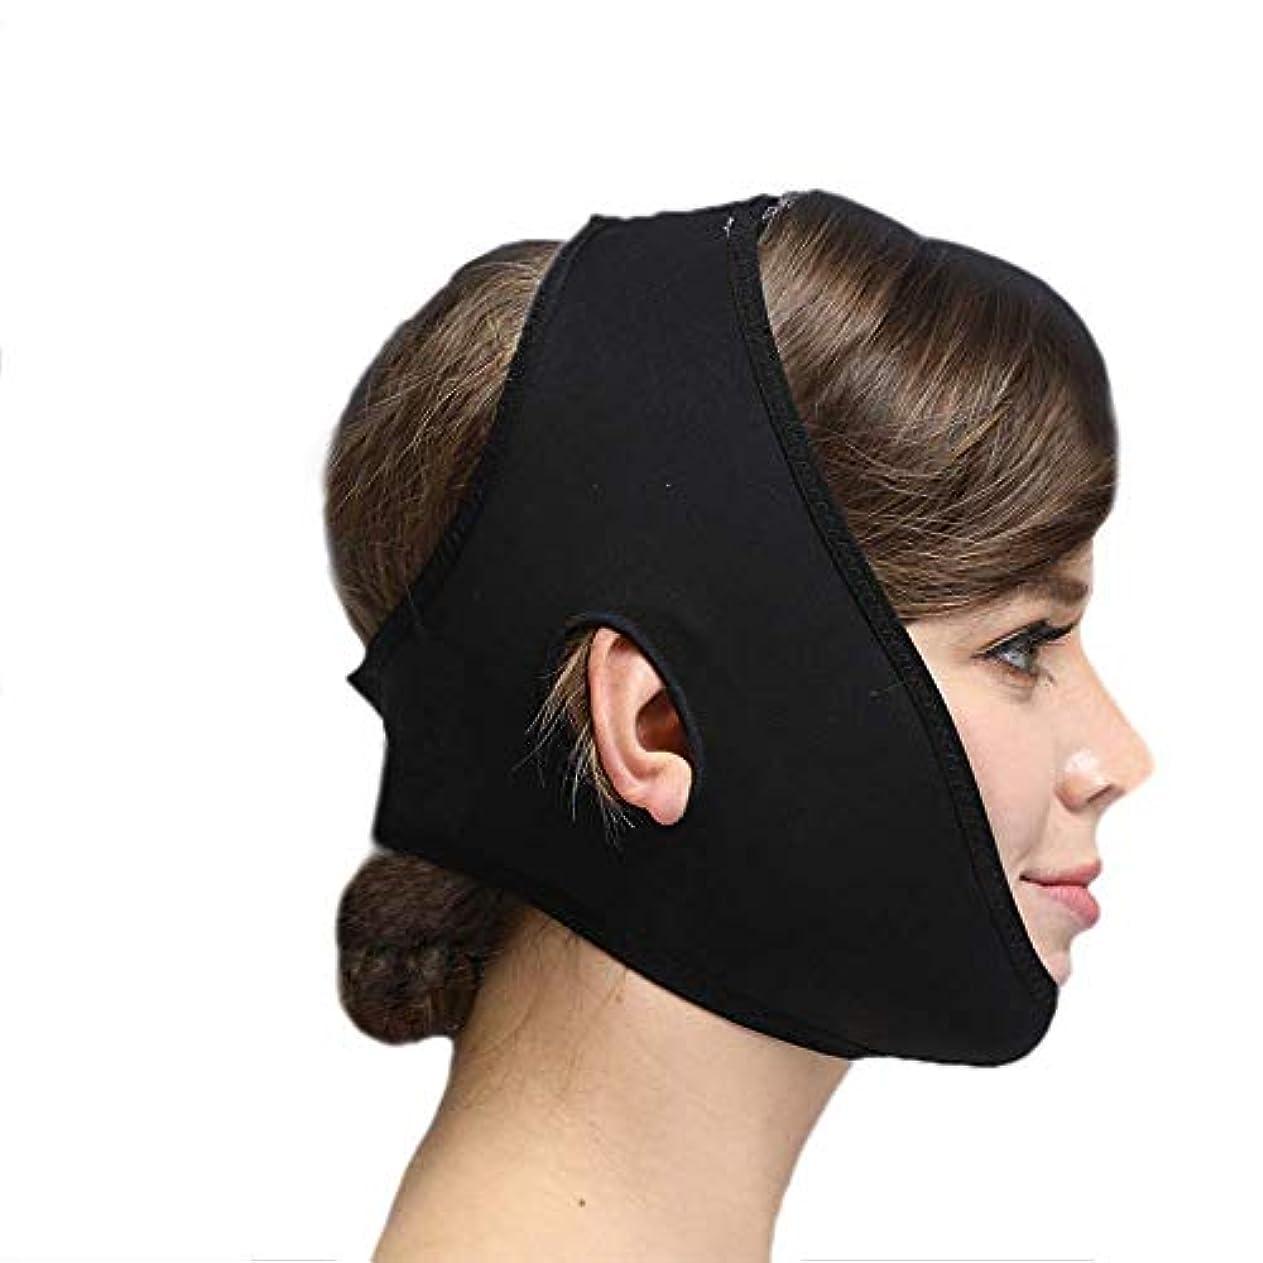 とらえどころのないトラブル本能フェイススリミングマスク、快適さと通気性、フェイシャルリフティング、輪郭の改善された硬さ、ファーミングとリフティングフェイス(カラー:ブラック、サイズ:XL),ブラック2、XXL